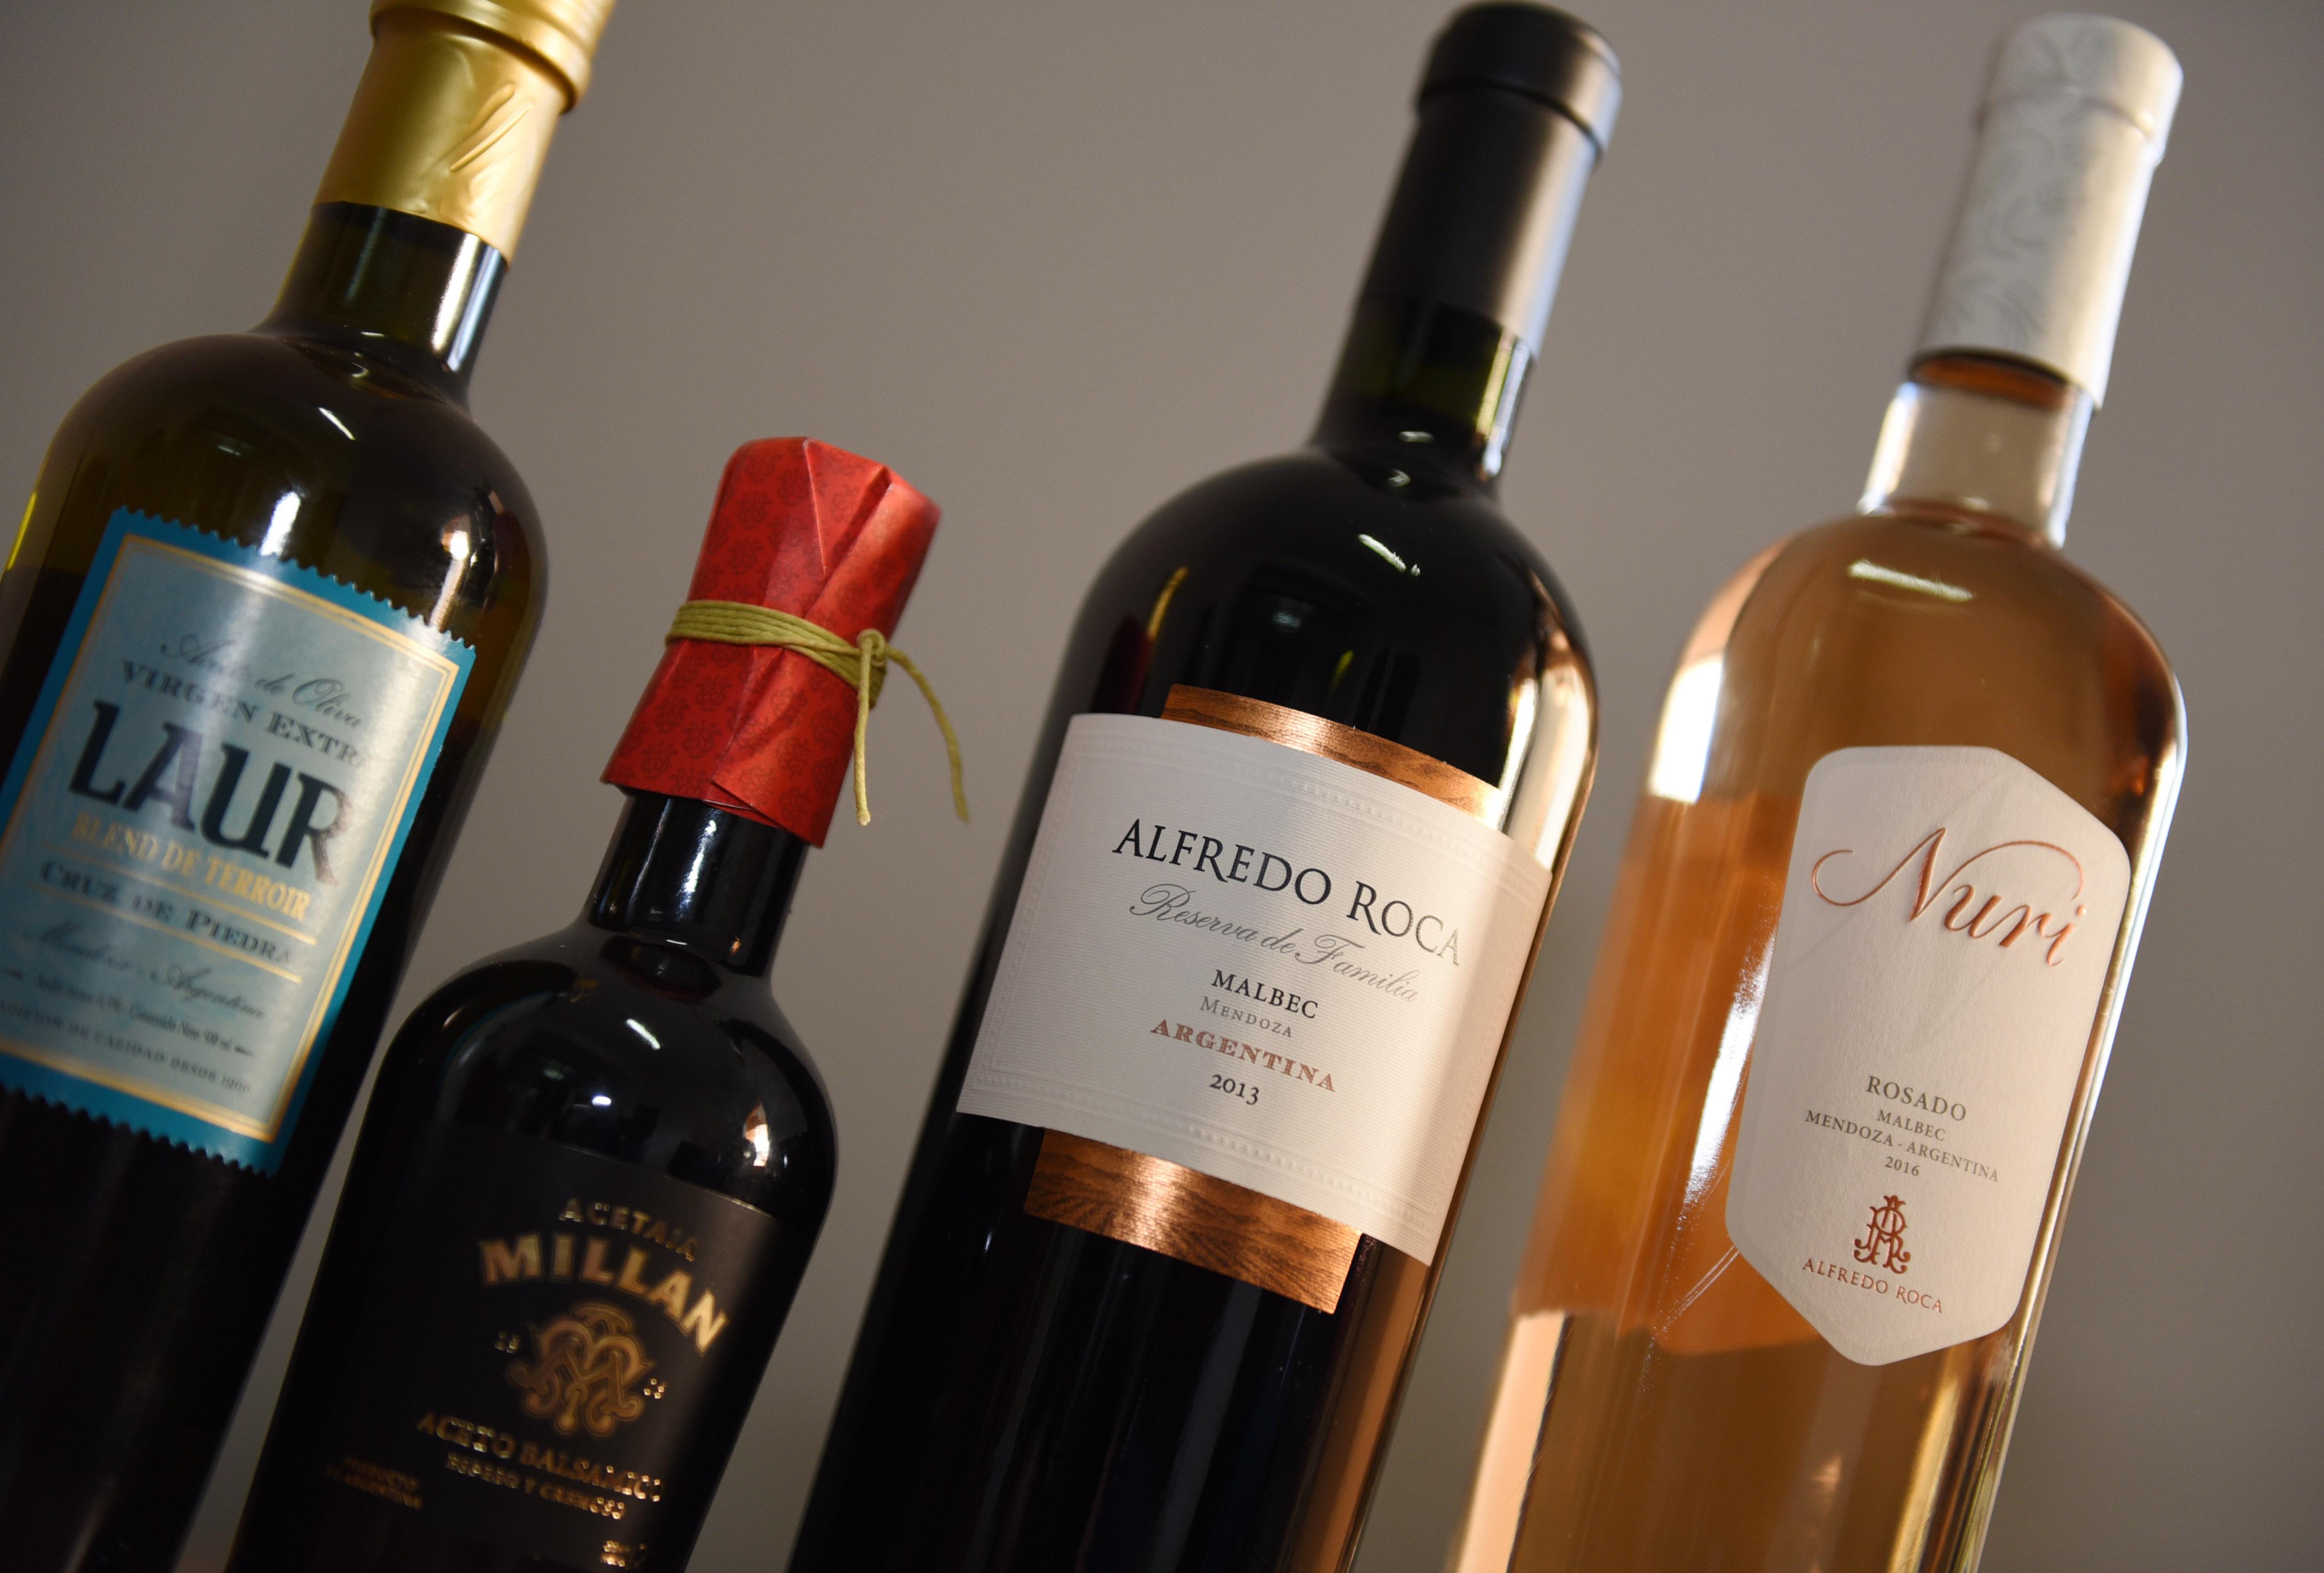 Vinos, grapas y aceites premium serán los obsequios del Gobierno de Mendoza para los presidentes y cancilleres que asisten a la Cumbre del Mercosur